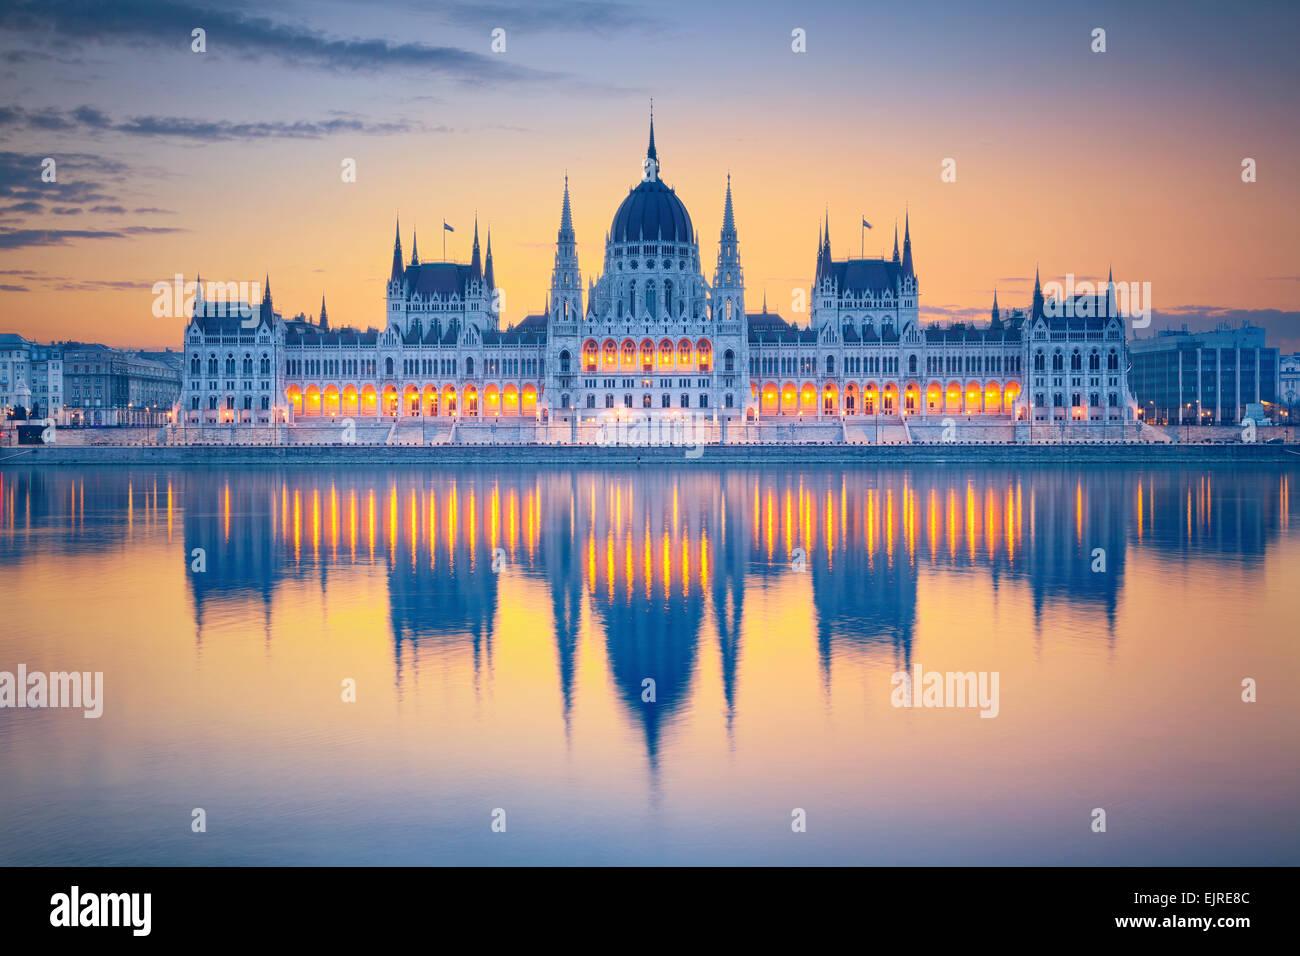 Budapest. Immagine del parlamento ungherese di Budapest durante il sunrise. Foto Stock